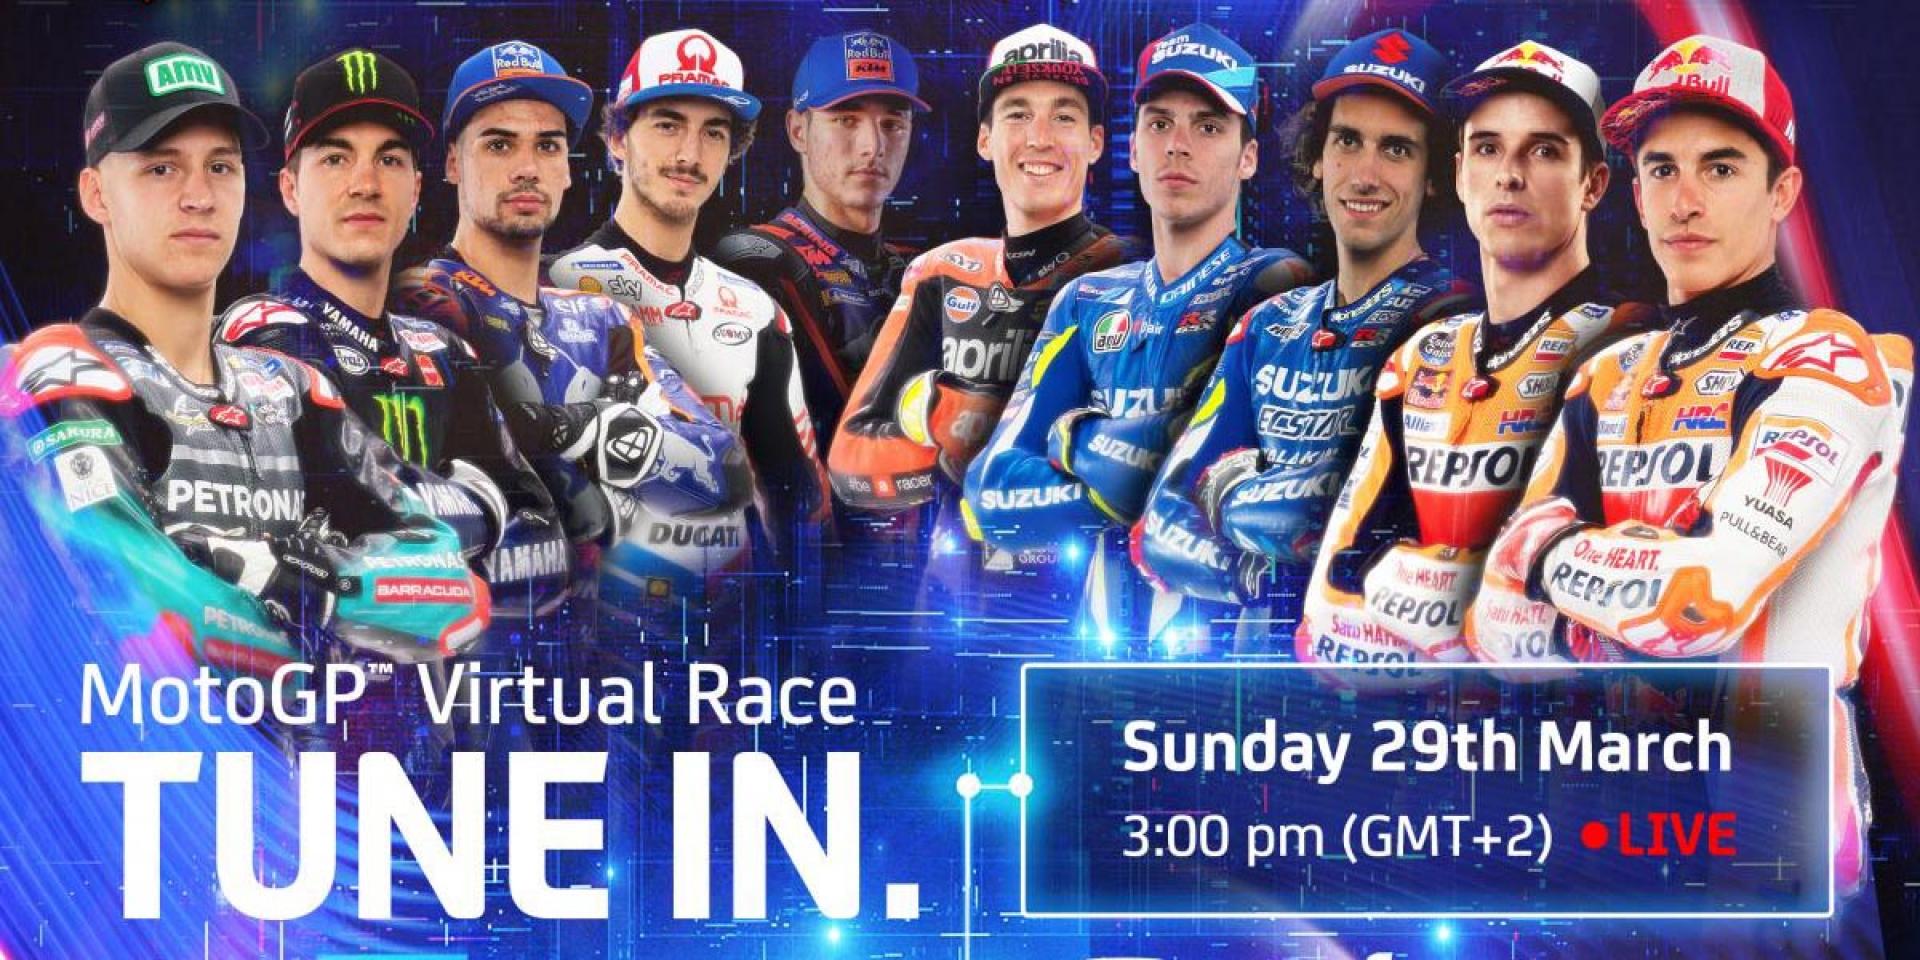 MotoGP 2020 虛擬大獎賽 轉播時間